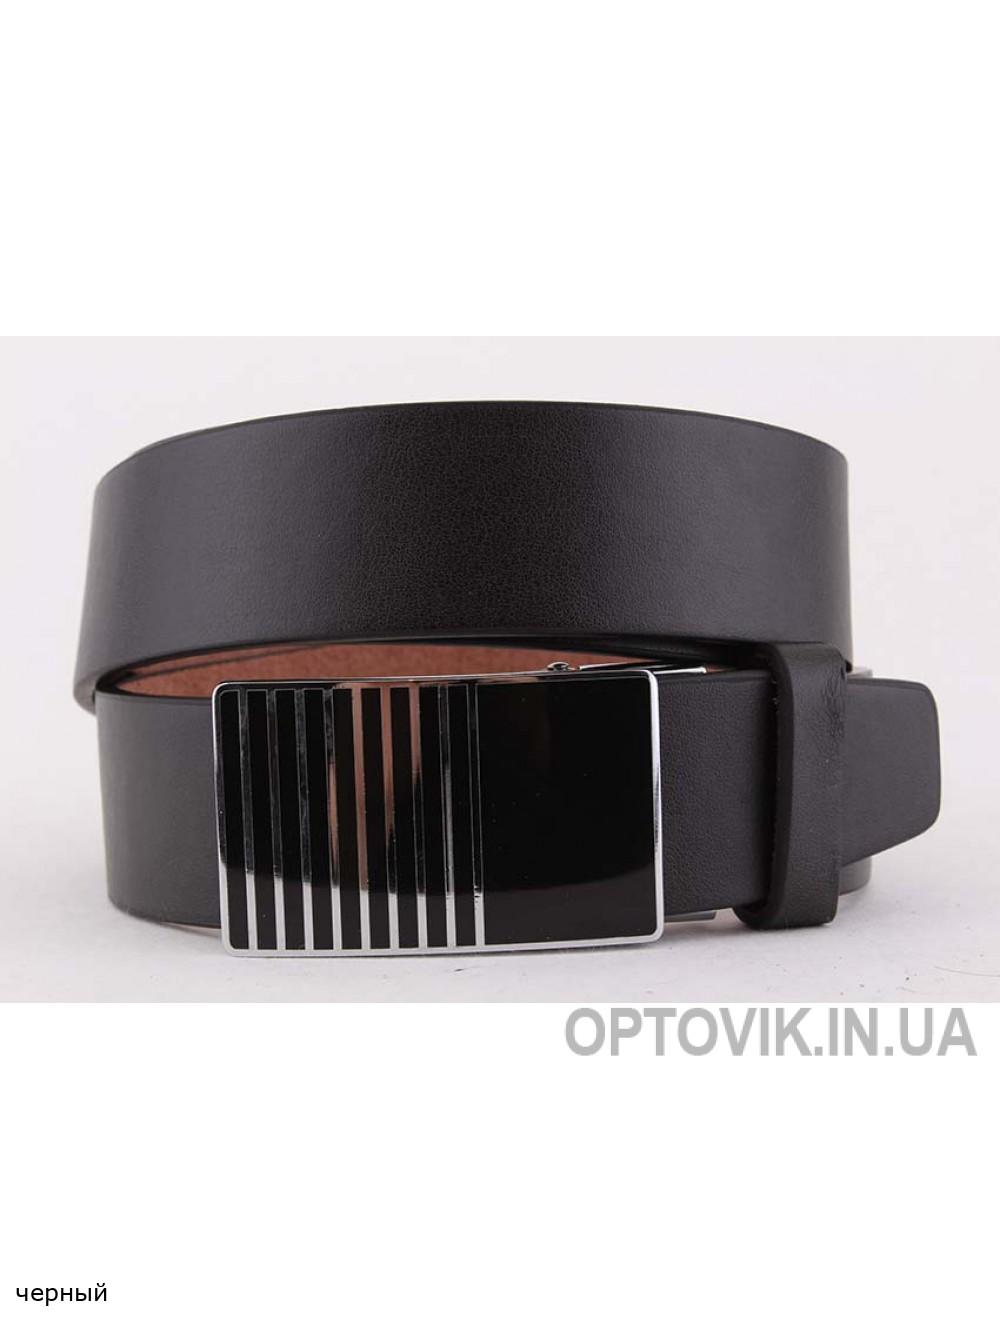 Ремень кожа 35 Alon - a12648-35L